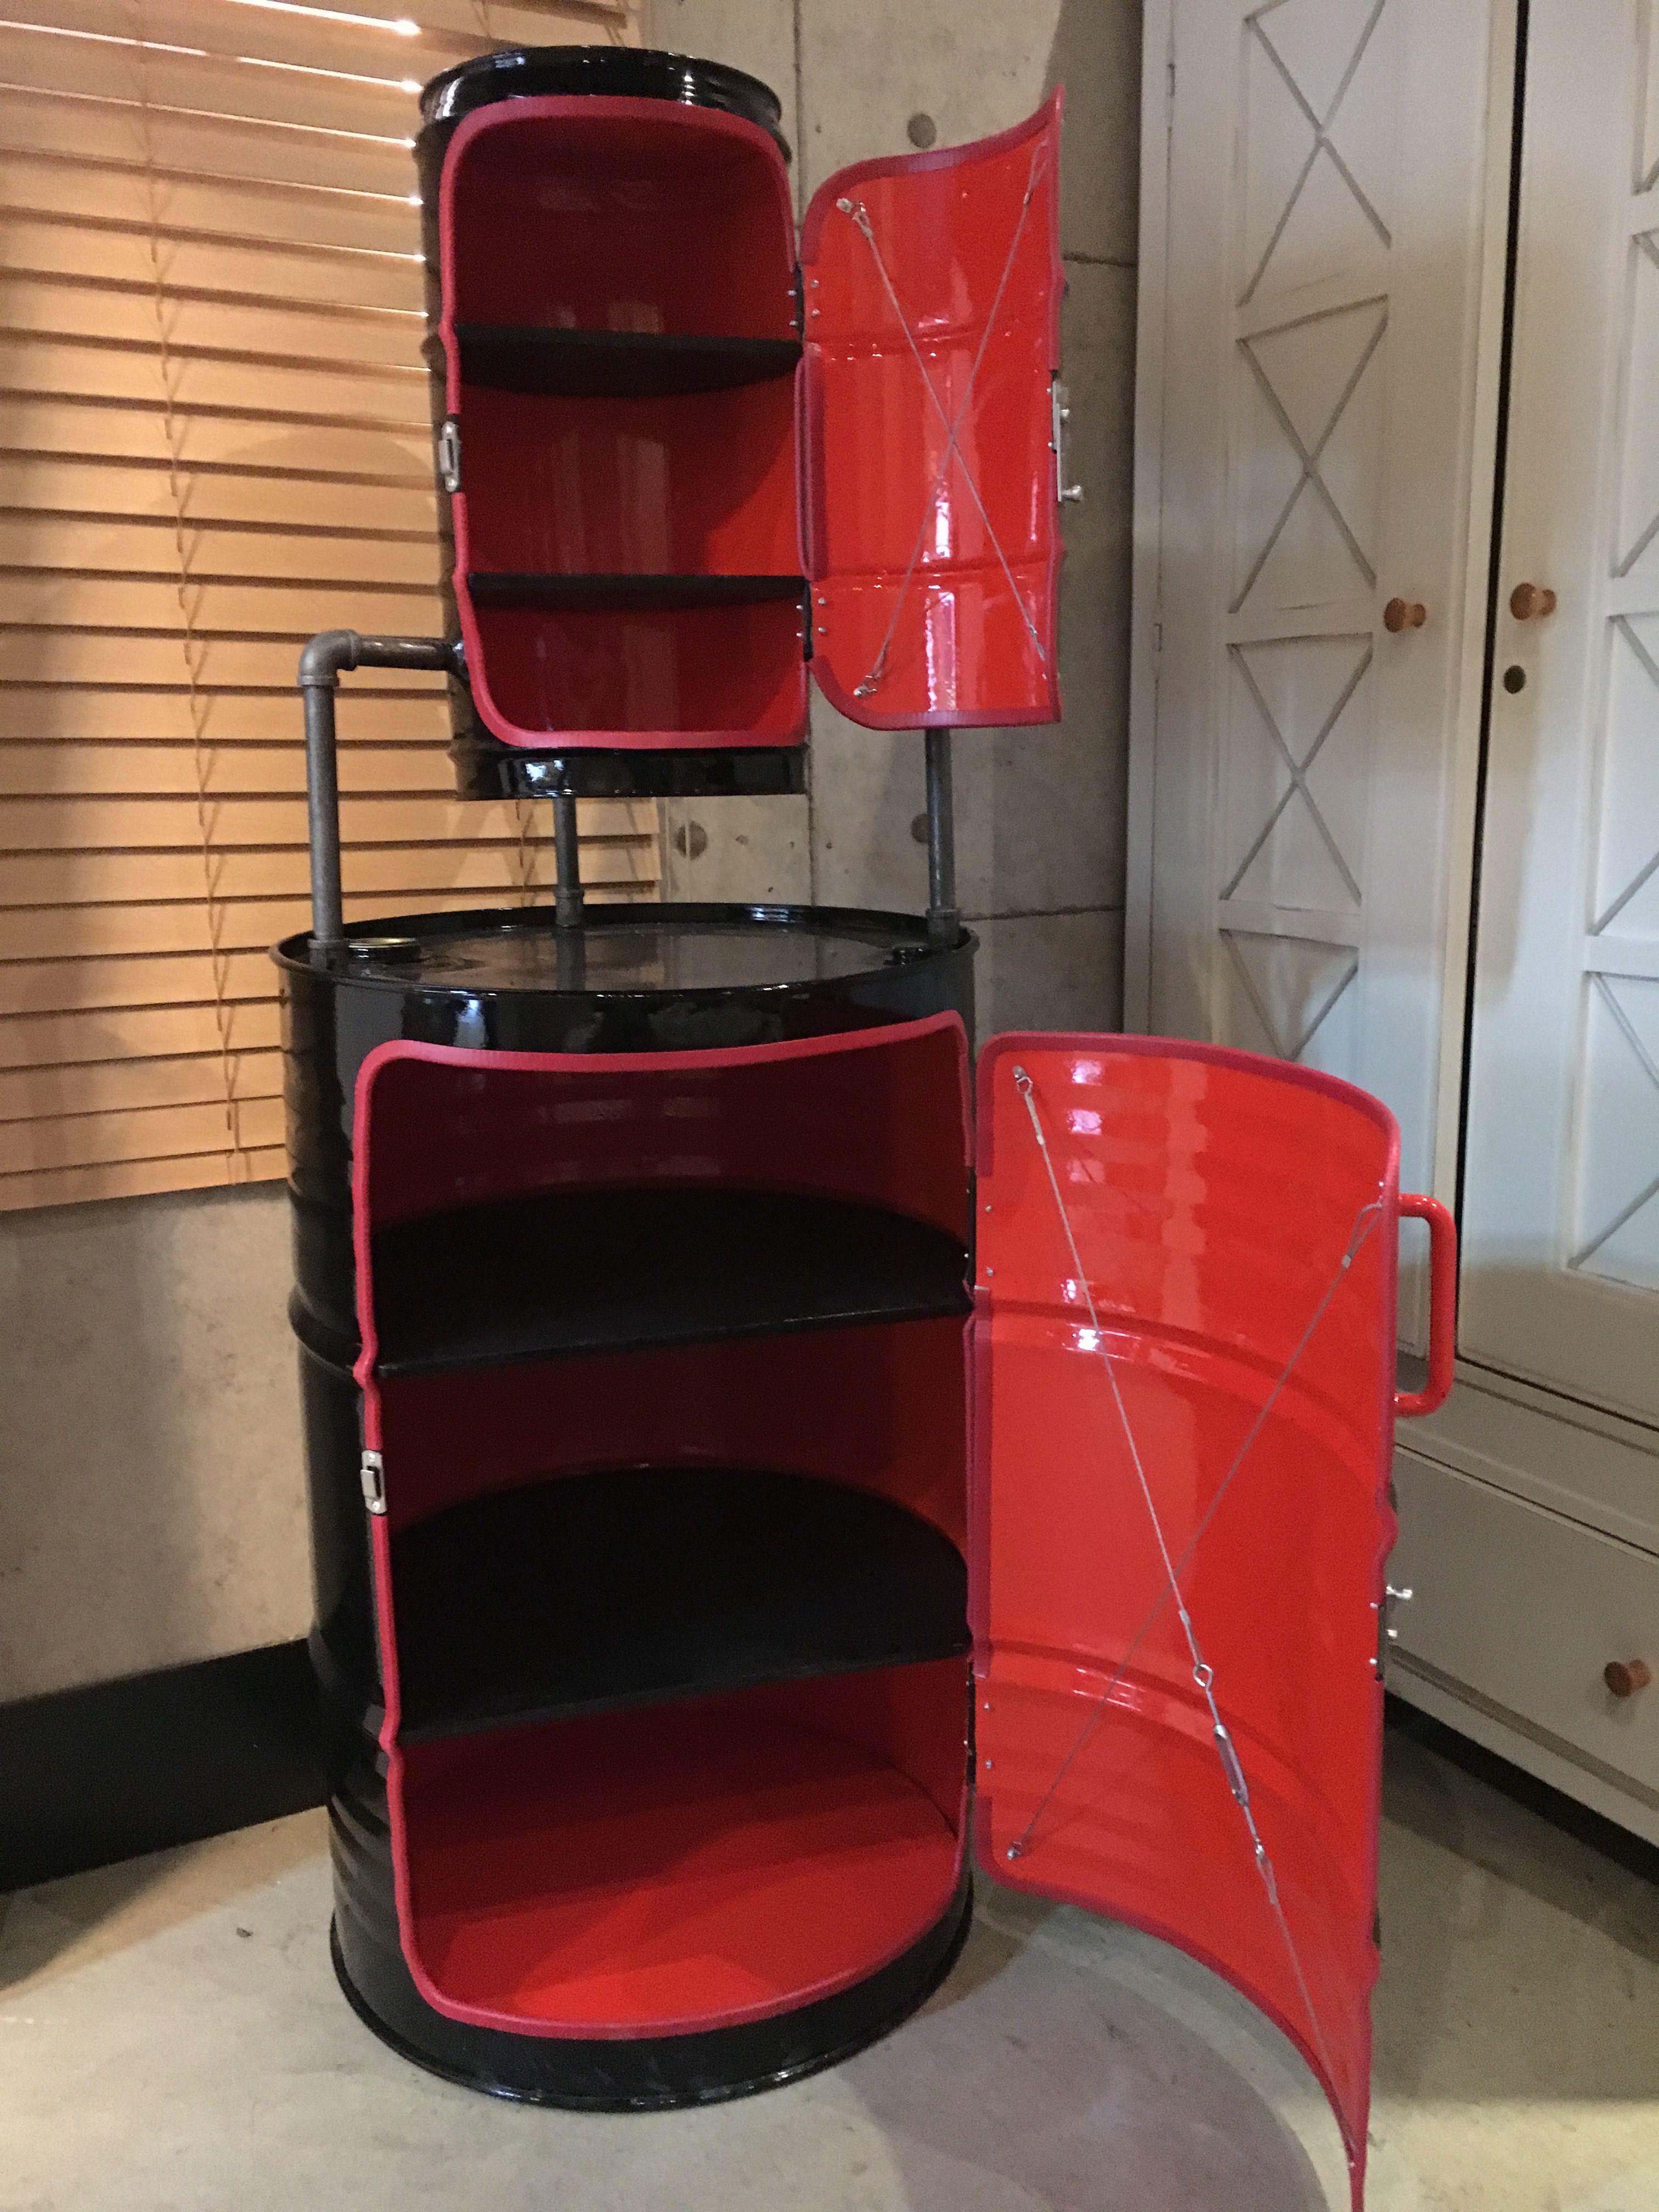 diy oil drum remodeling how to make a oil drum cabinet. Black Bedroom Furniture Sets. Home Design Ideas